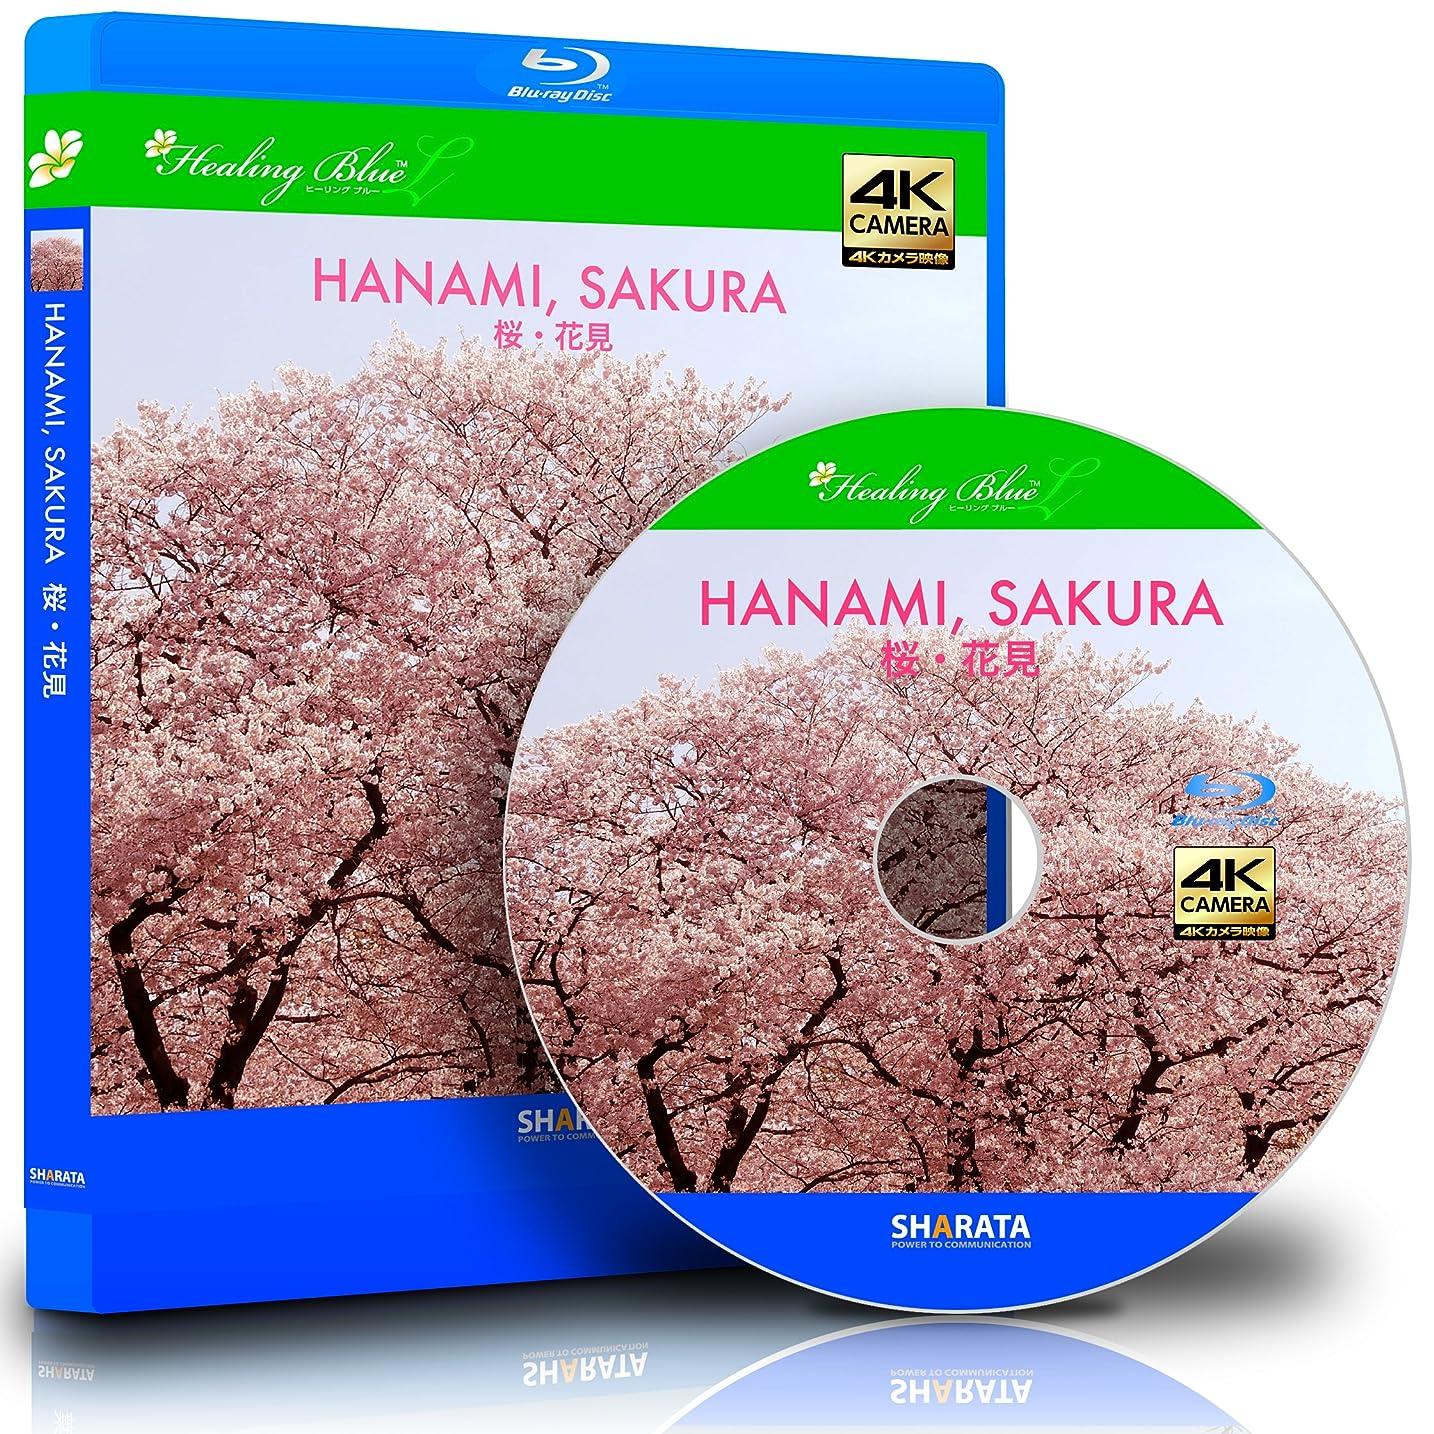 技術ナプキンパーク花見ができる4Kカメラ映像【HealingBlueLヒーリングブルーL】 桜?花見〈動画約40分〉 [Blu-ray]